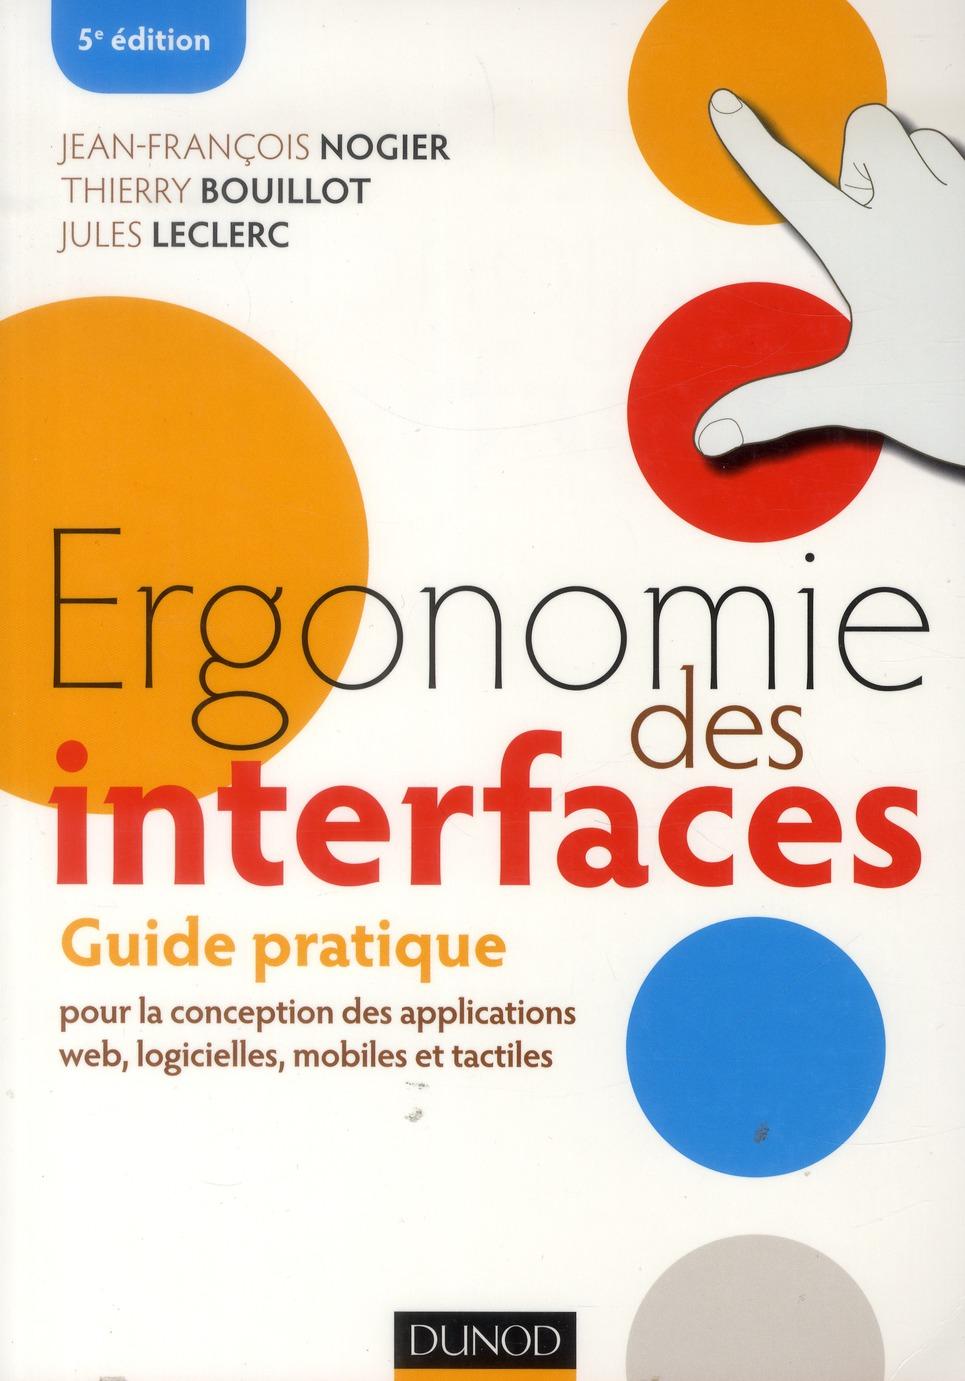 Ergonomie Des Interfaces ; Guide Pratique Pour La Conception Des Applications Web, Logicielles, Mobiles Et Tactiles (5e Edition)